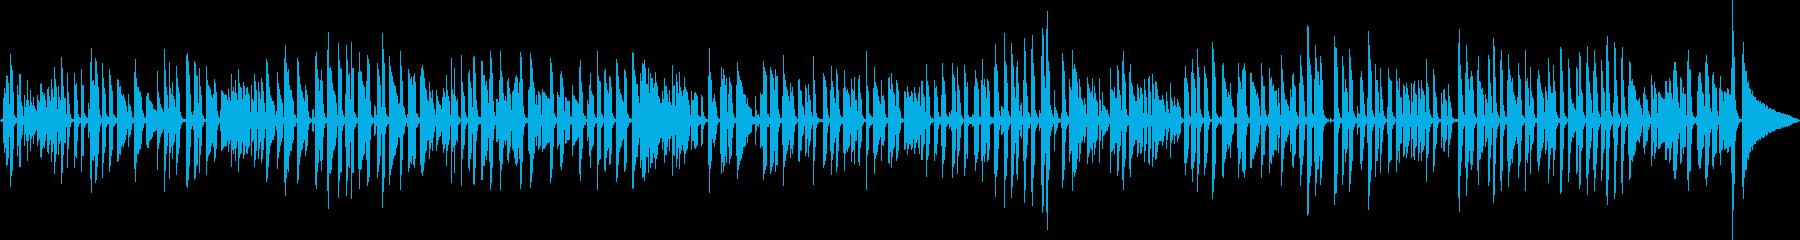 サラサラ ジャズ ゆっくり 魅惑 ...の再生済みの波形